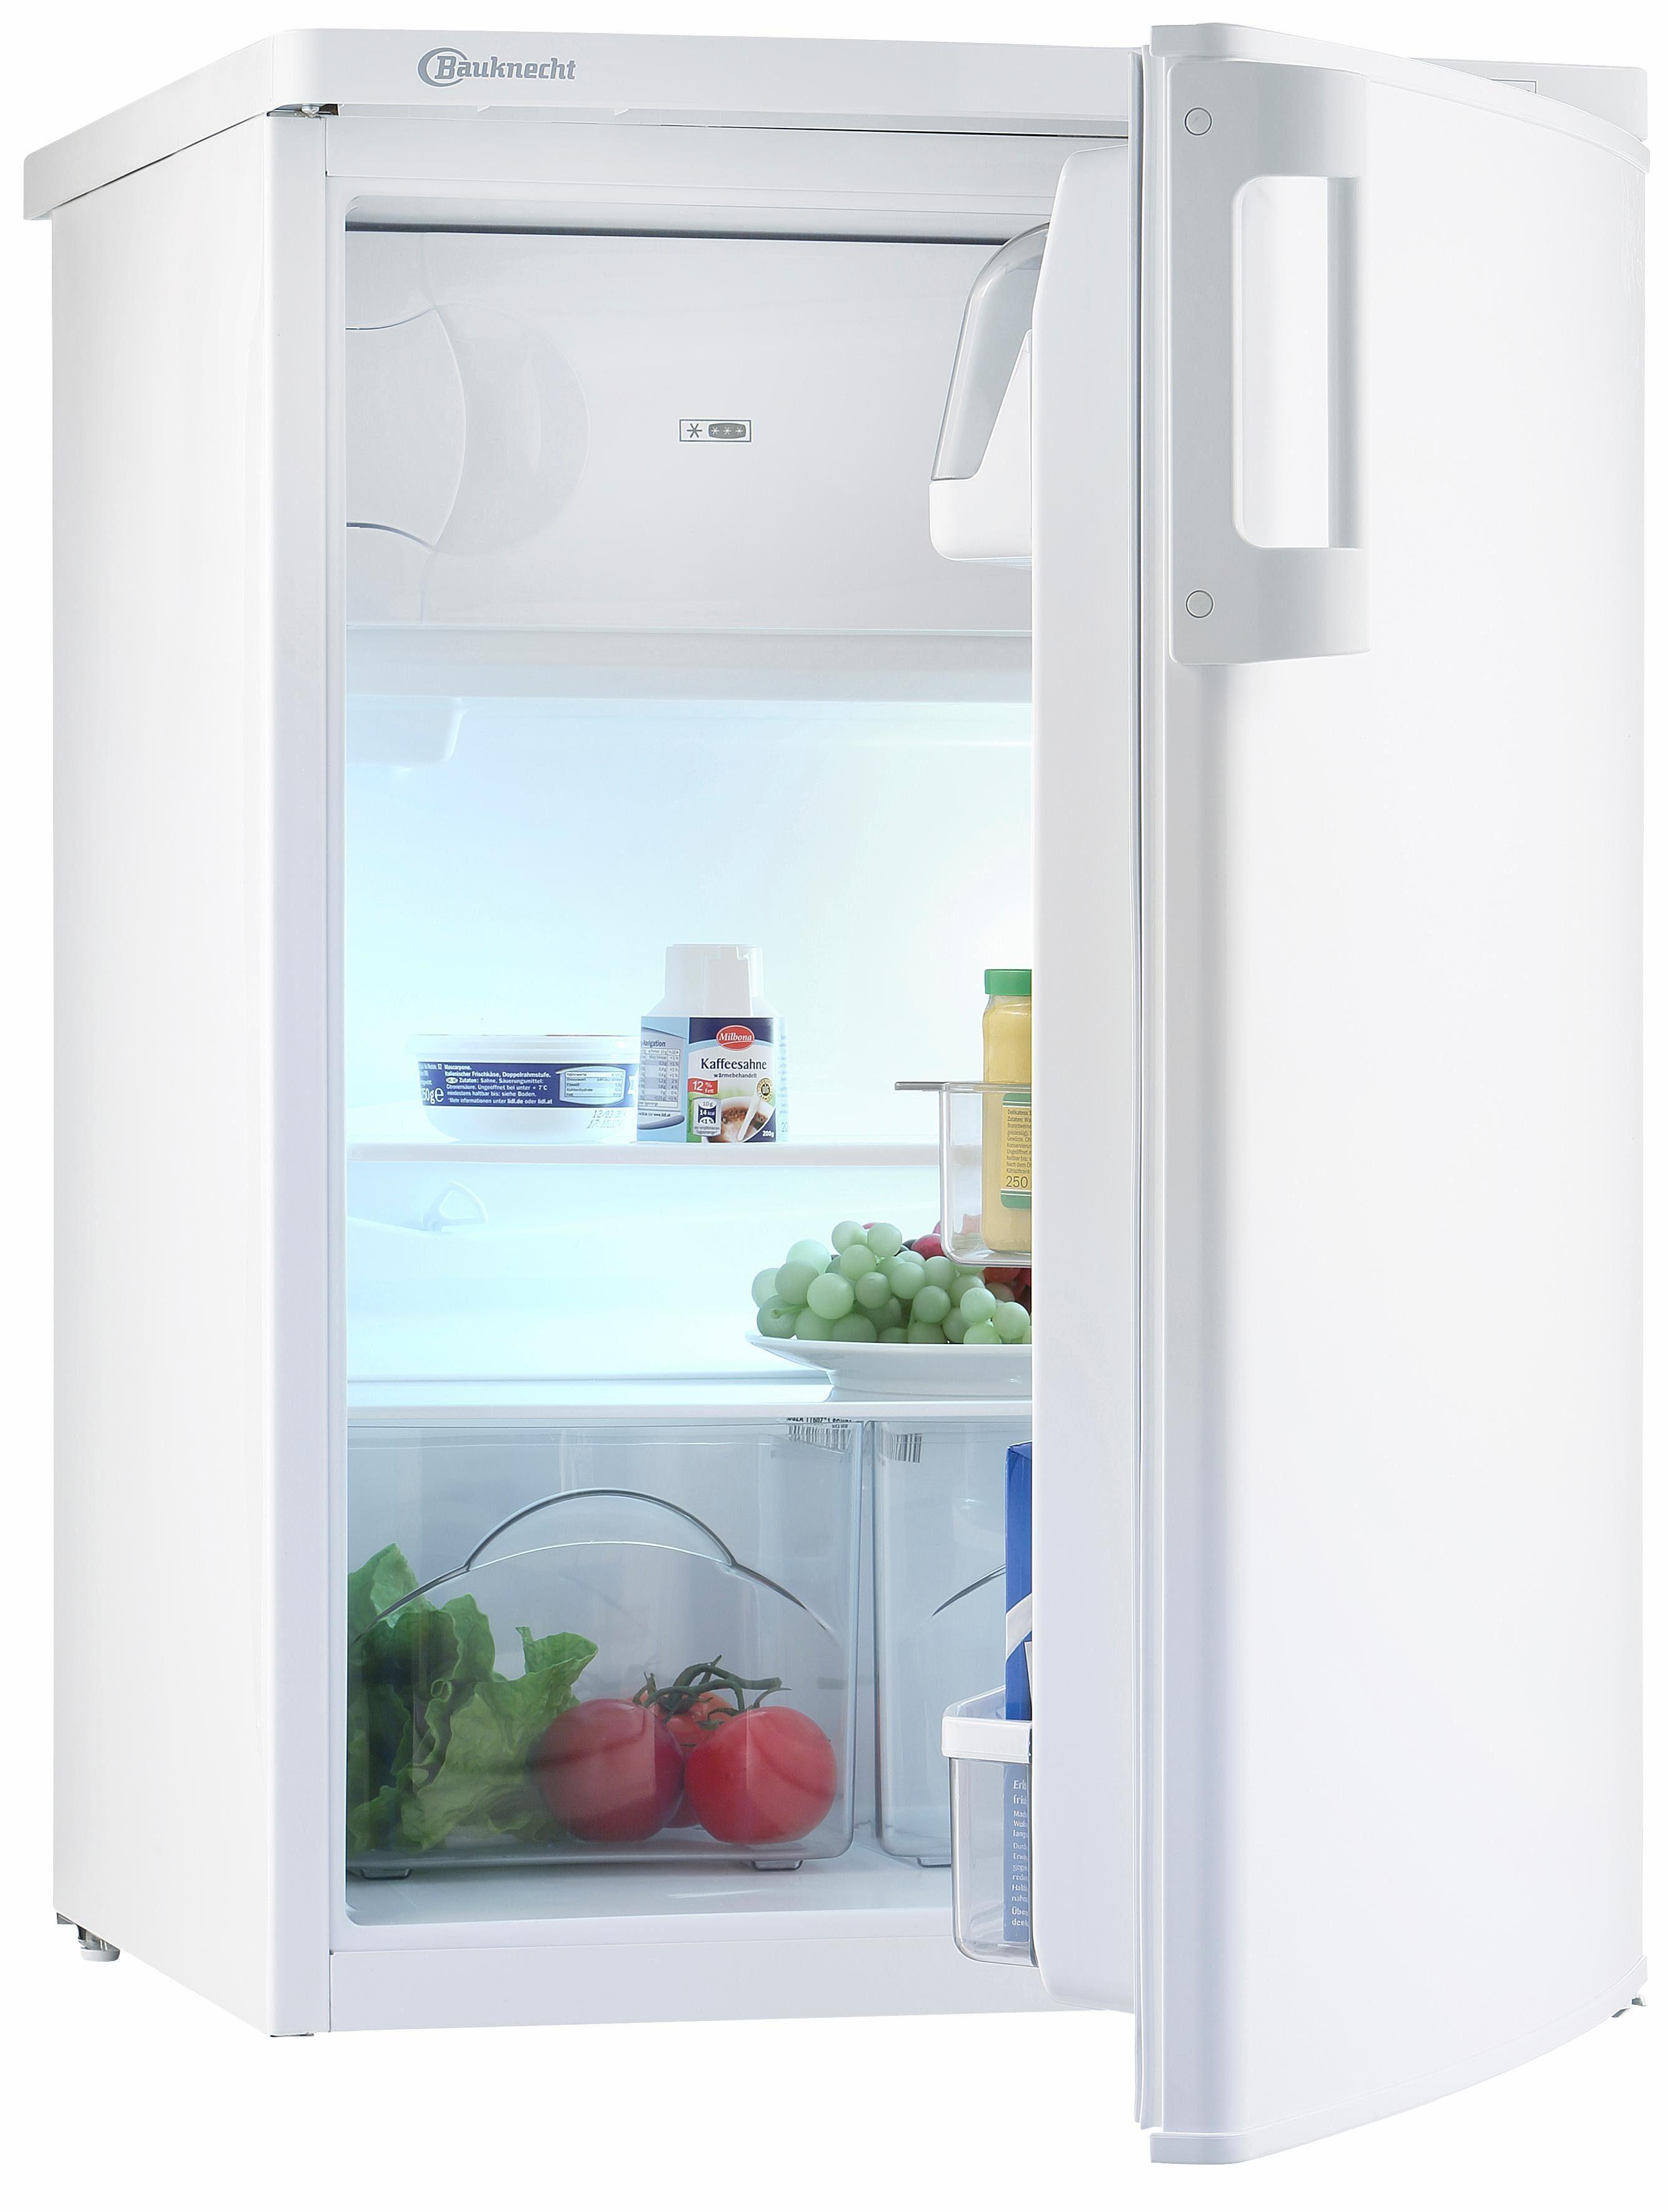 Bauknecht Kühlschrank KV 175 PLUS, A++, 85 cm hoch